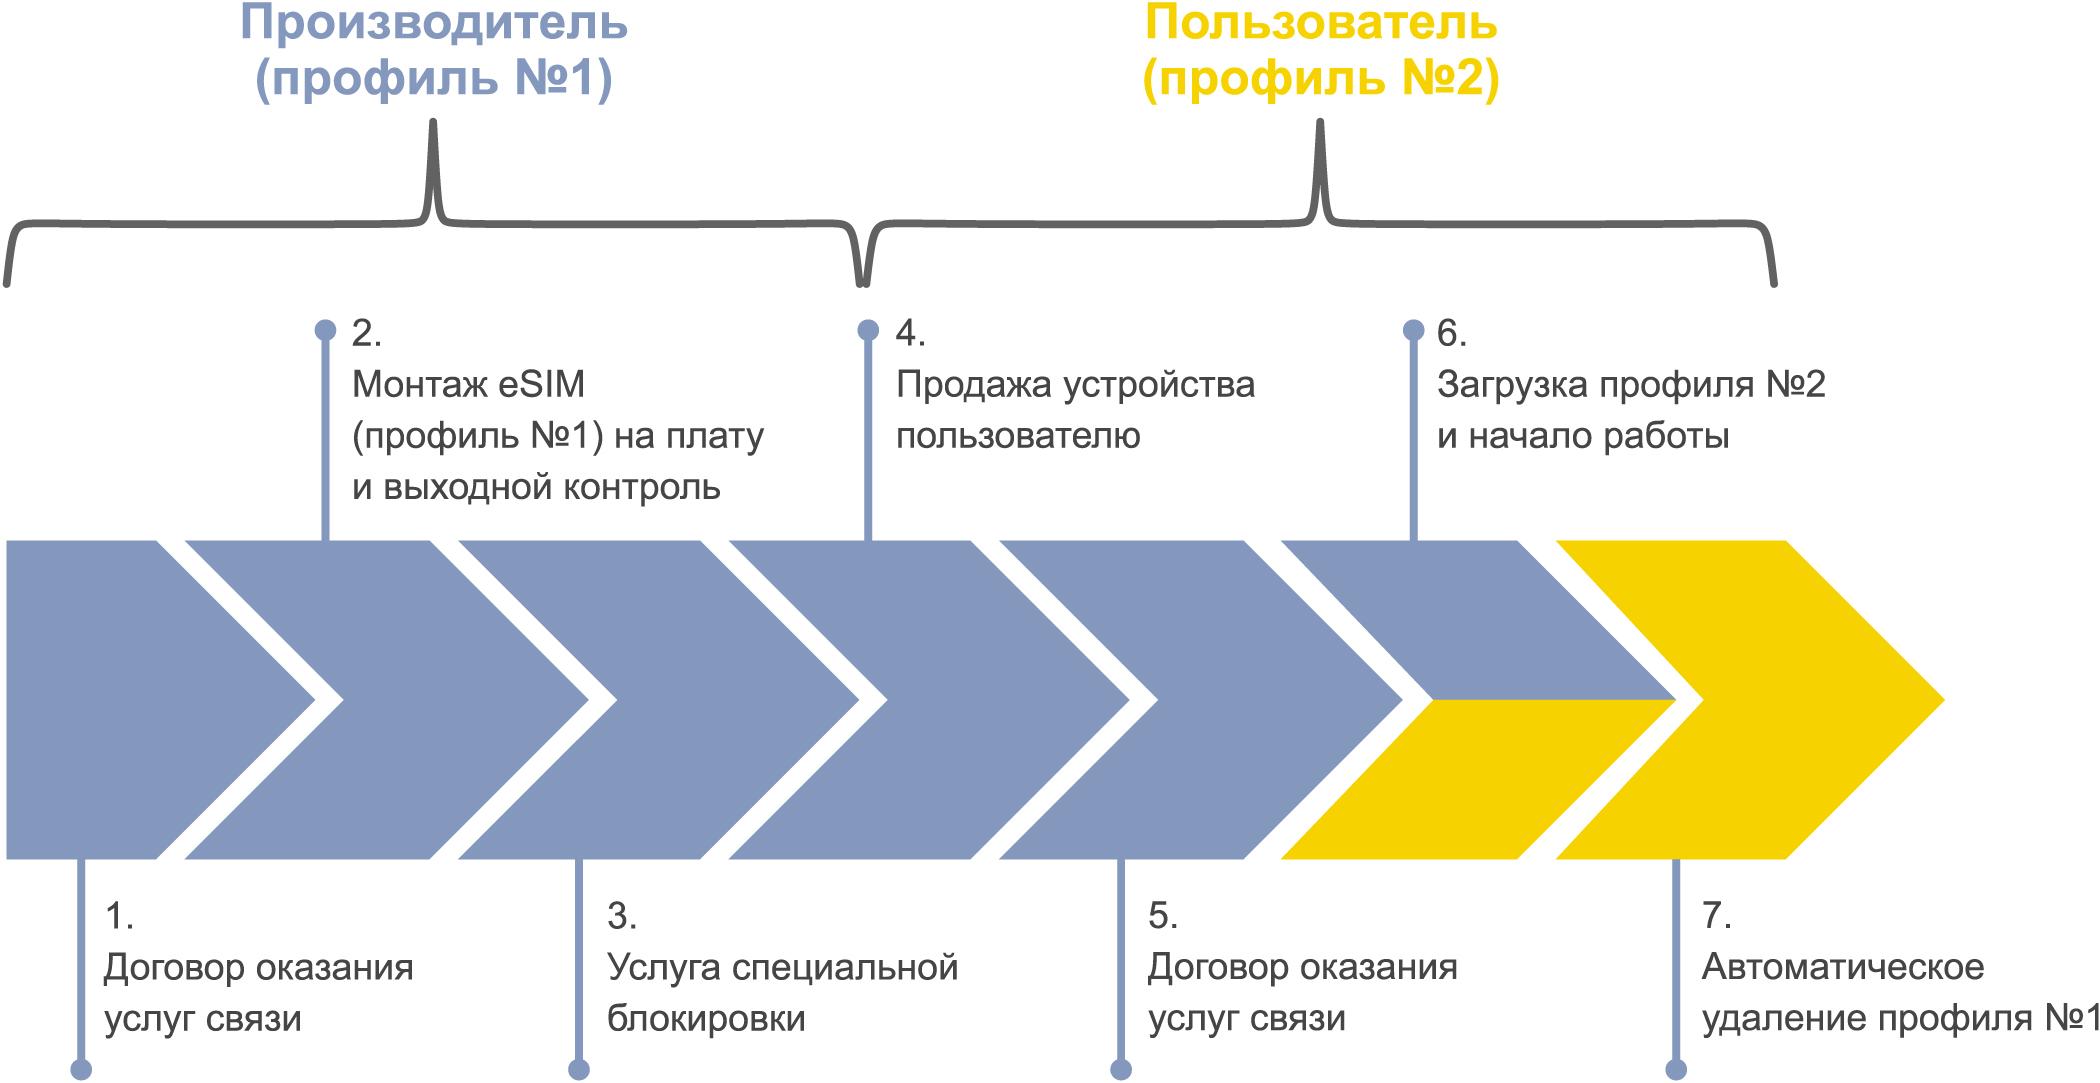 Переход устройства с eSIM от производителя к пользователю